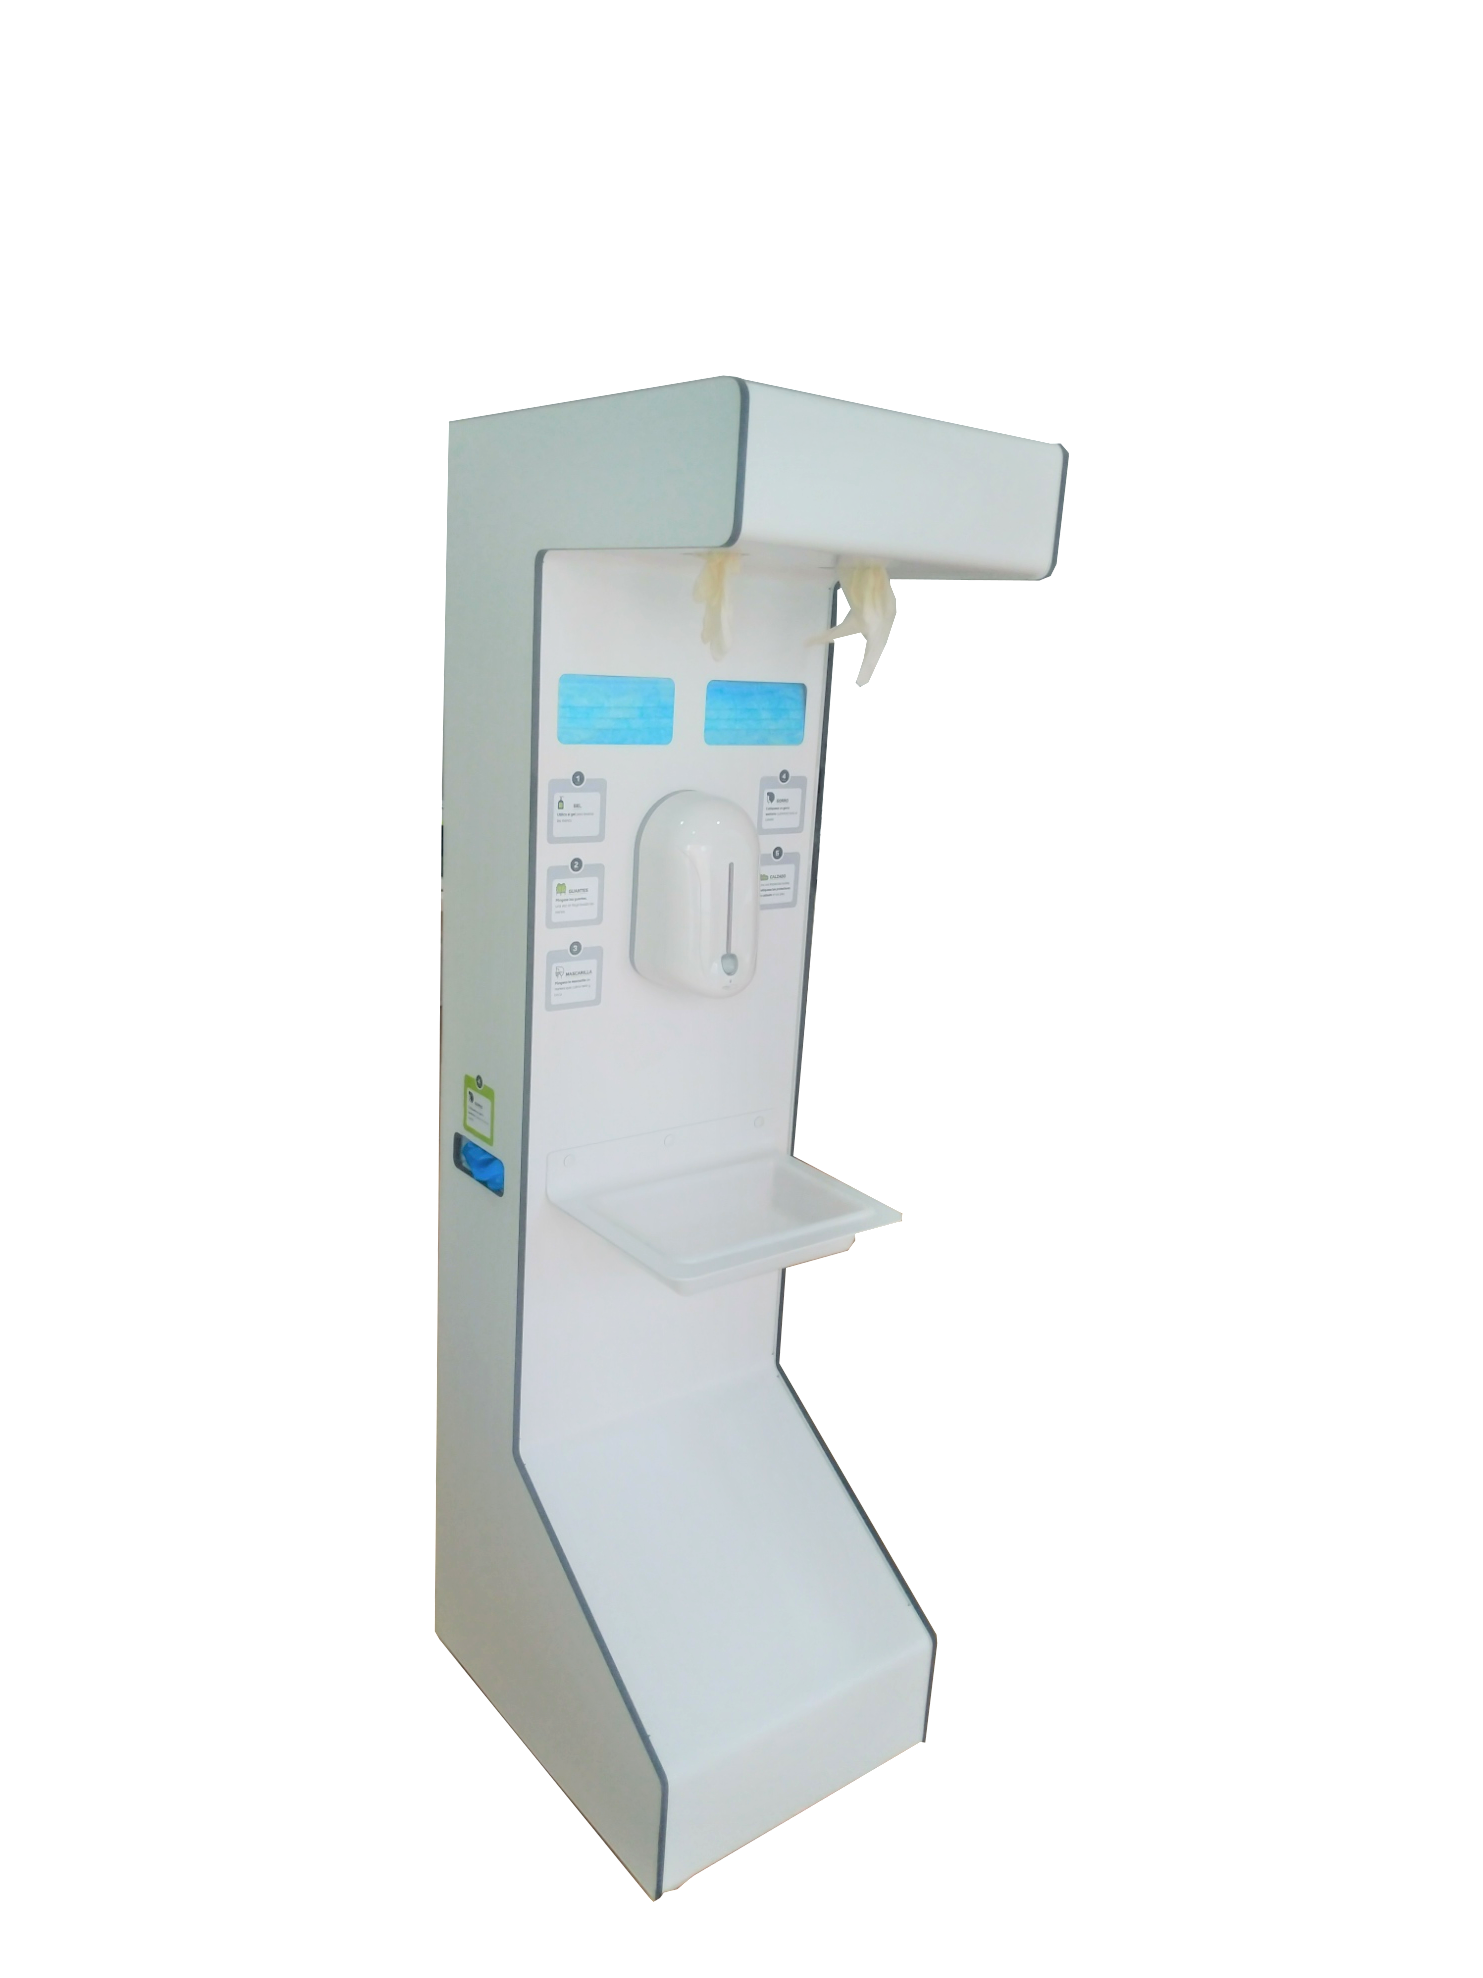 estacion higiene covid19